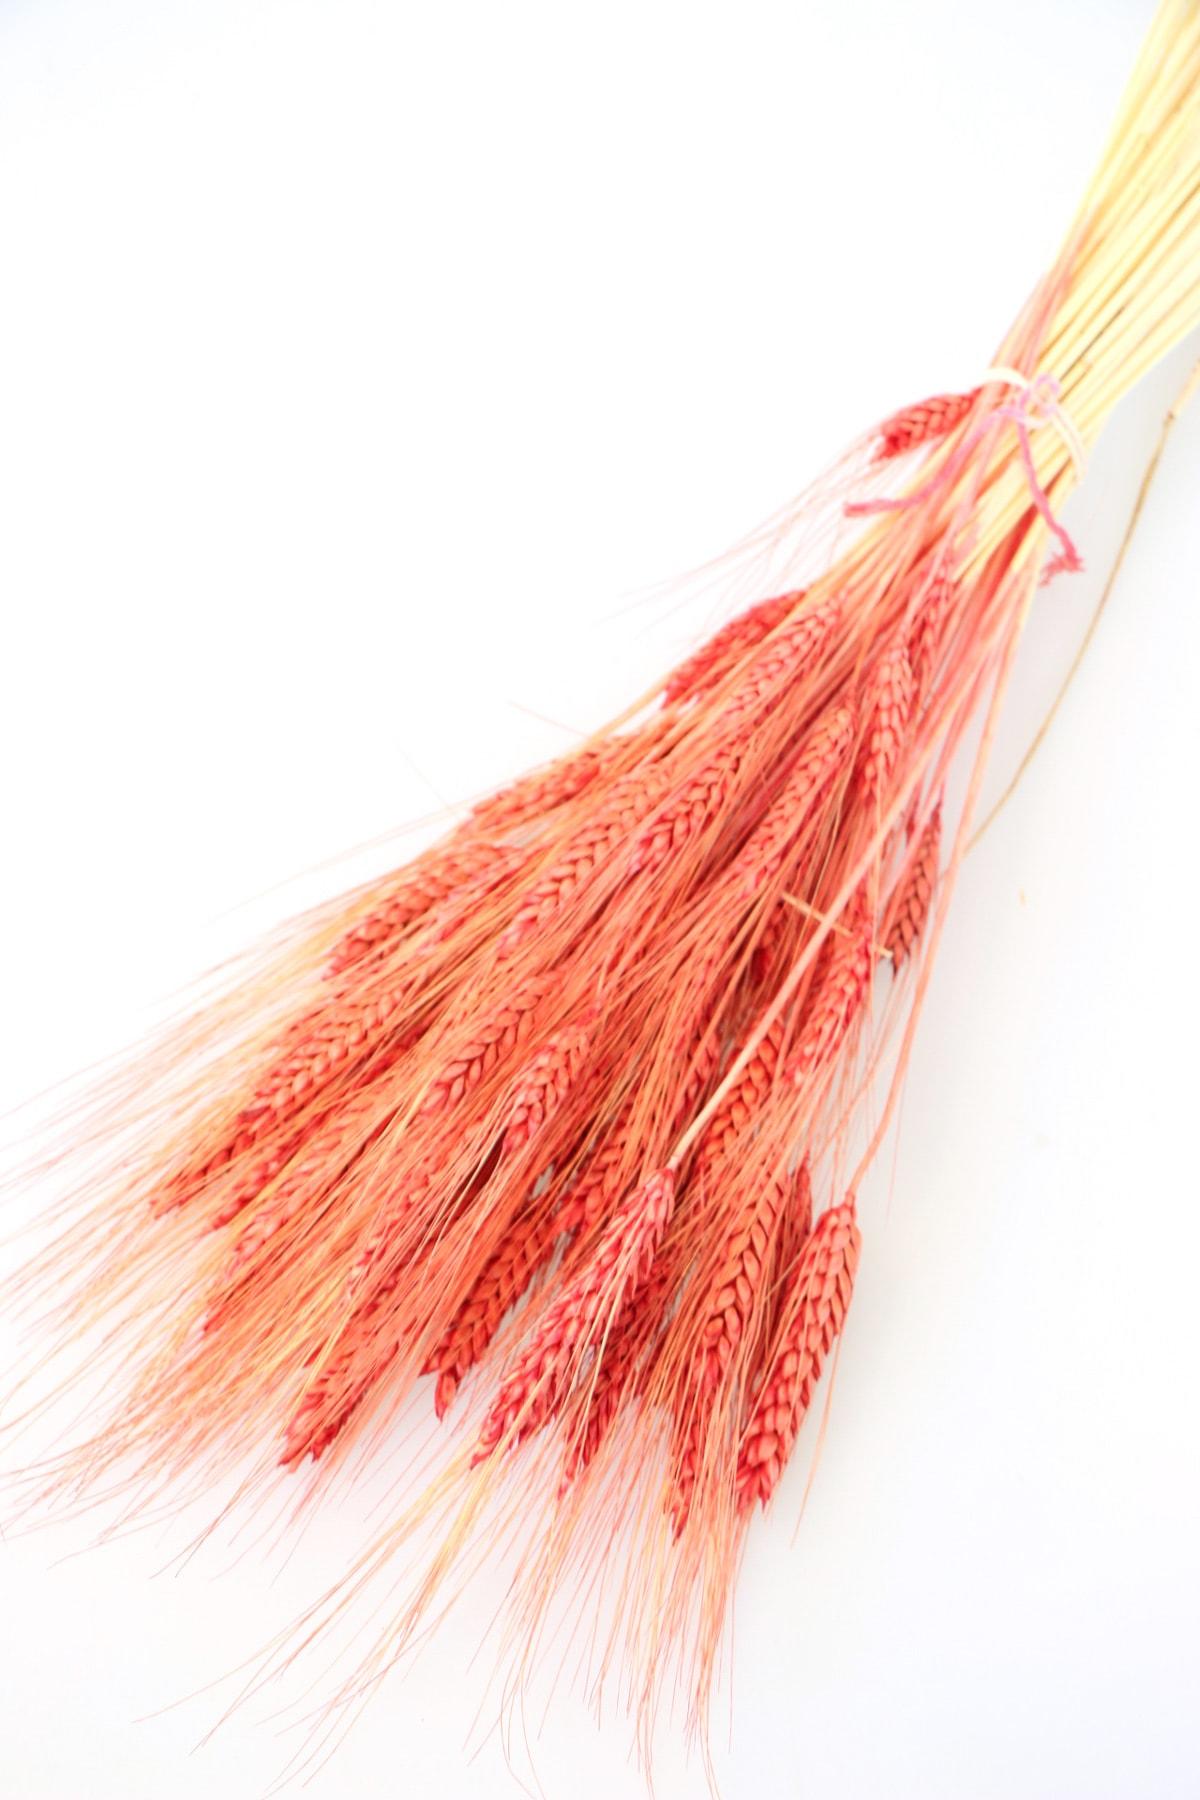 Yapay Çiçek Deposu Kuru Başak Demeti Kiremit Kırmızı 1